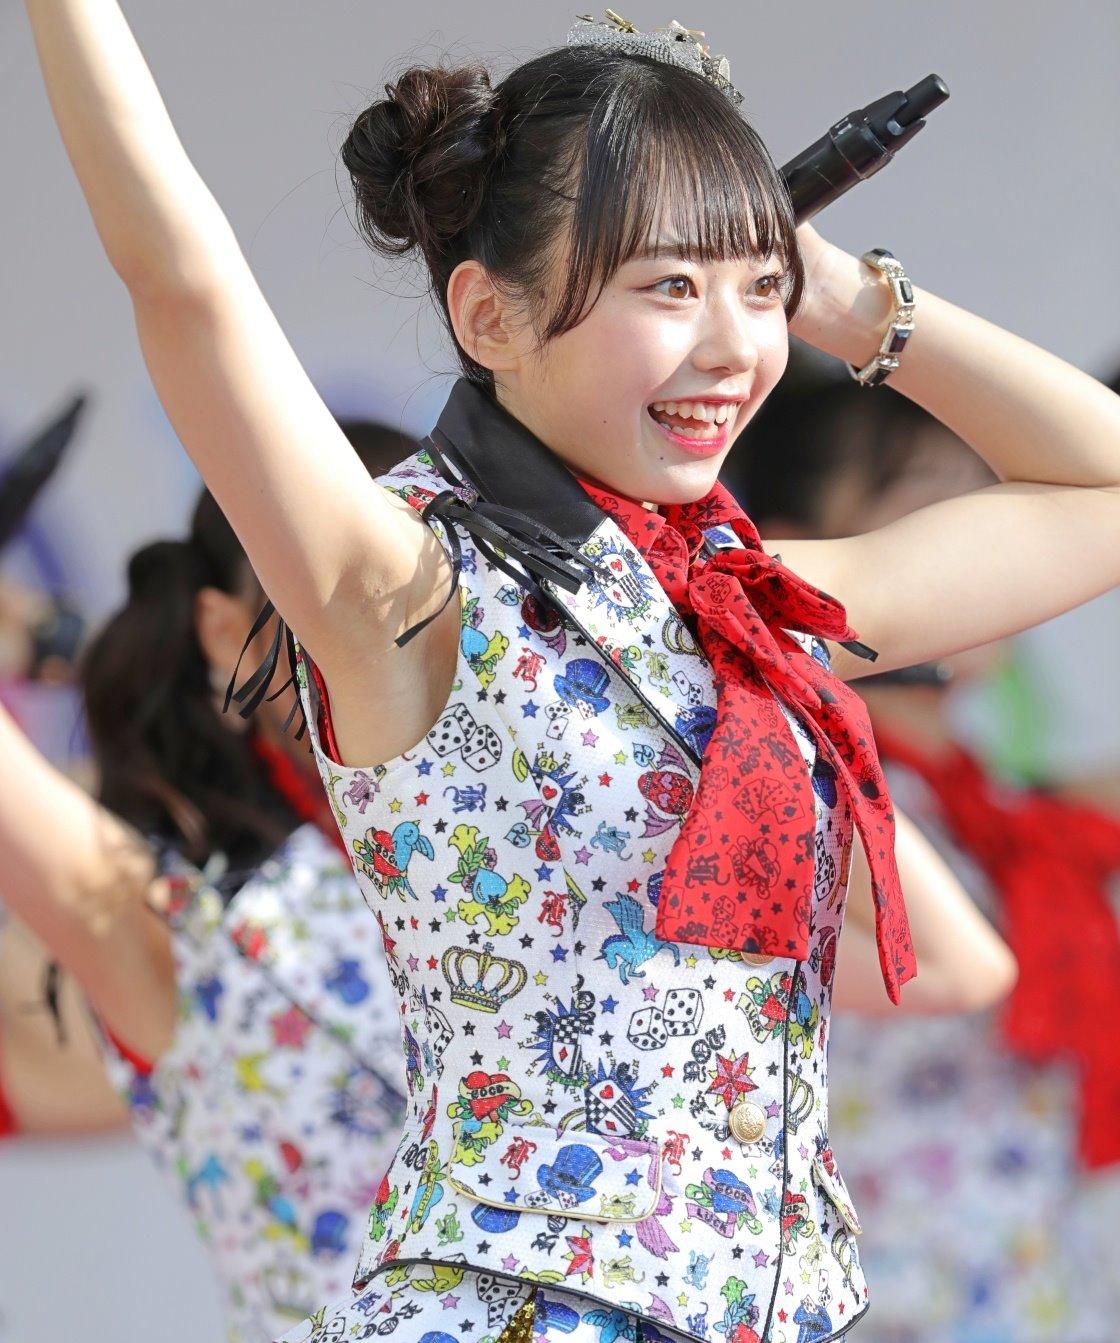 AKB48フレッシュ選抜メンバーの腋見せライブ (3)